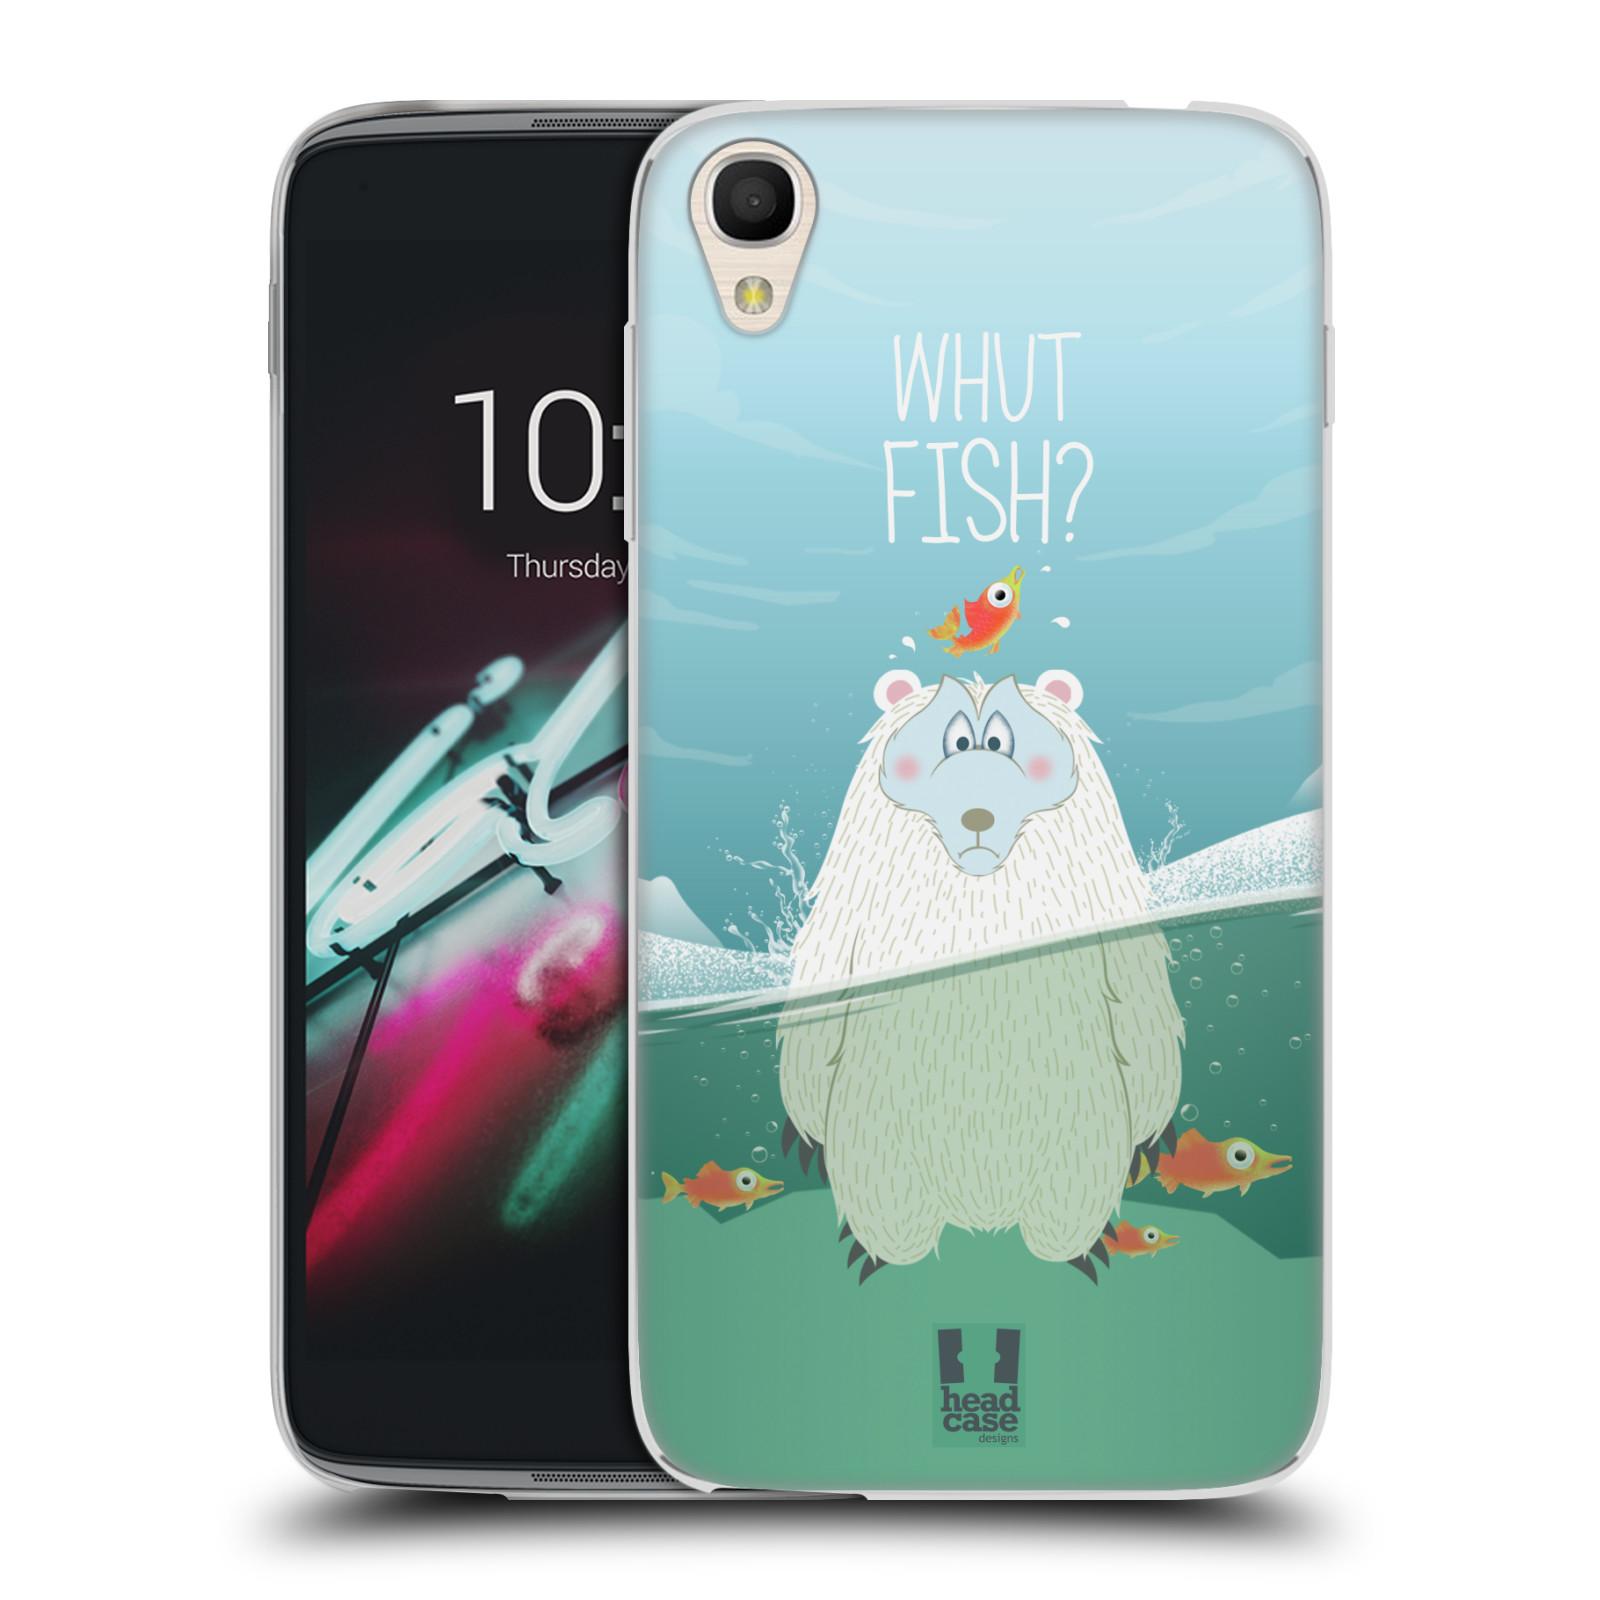 """Silikonové pouzdro na mobil Alcatel One Touch 6039Y Idol 3 HEAD CASE Medvěd Whut Fish? (Silikonový kryt či obal na mobilní telefon Alcatel One Touch Idol 3 OT-6039Y s 4,7"""" displejem)"""